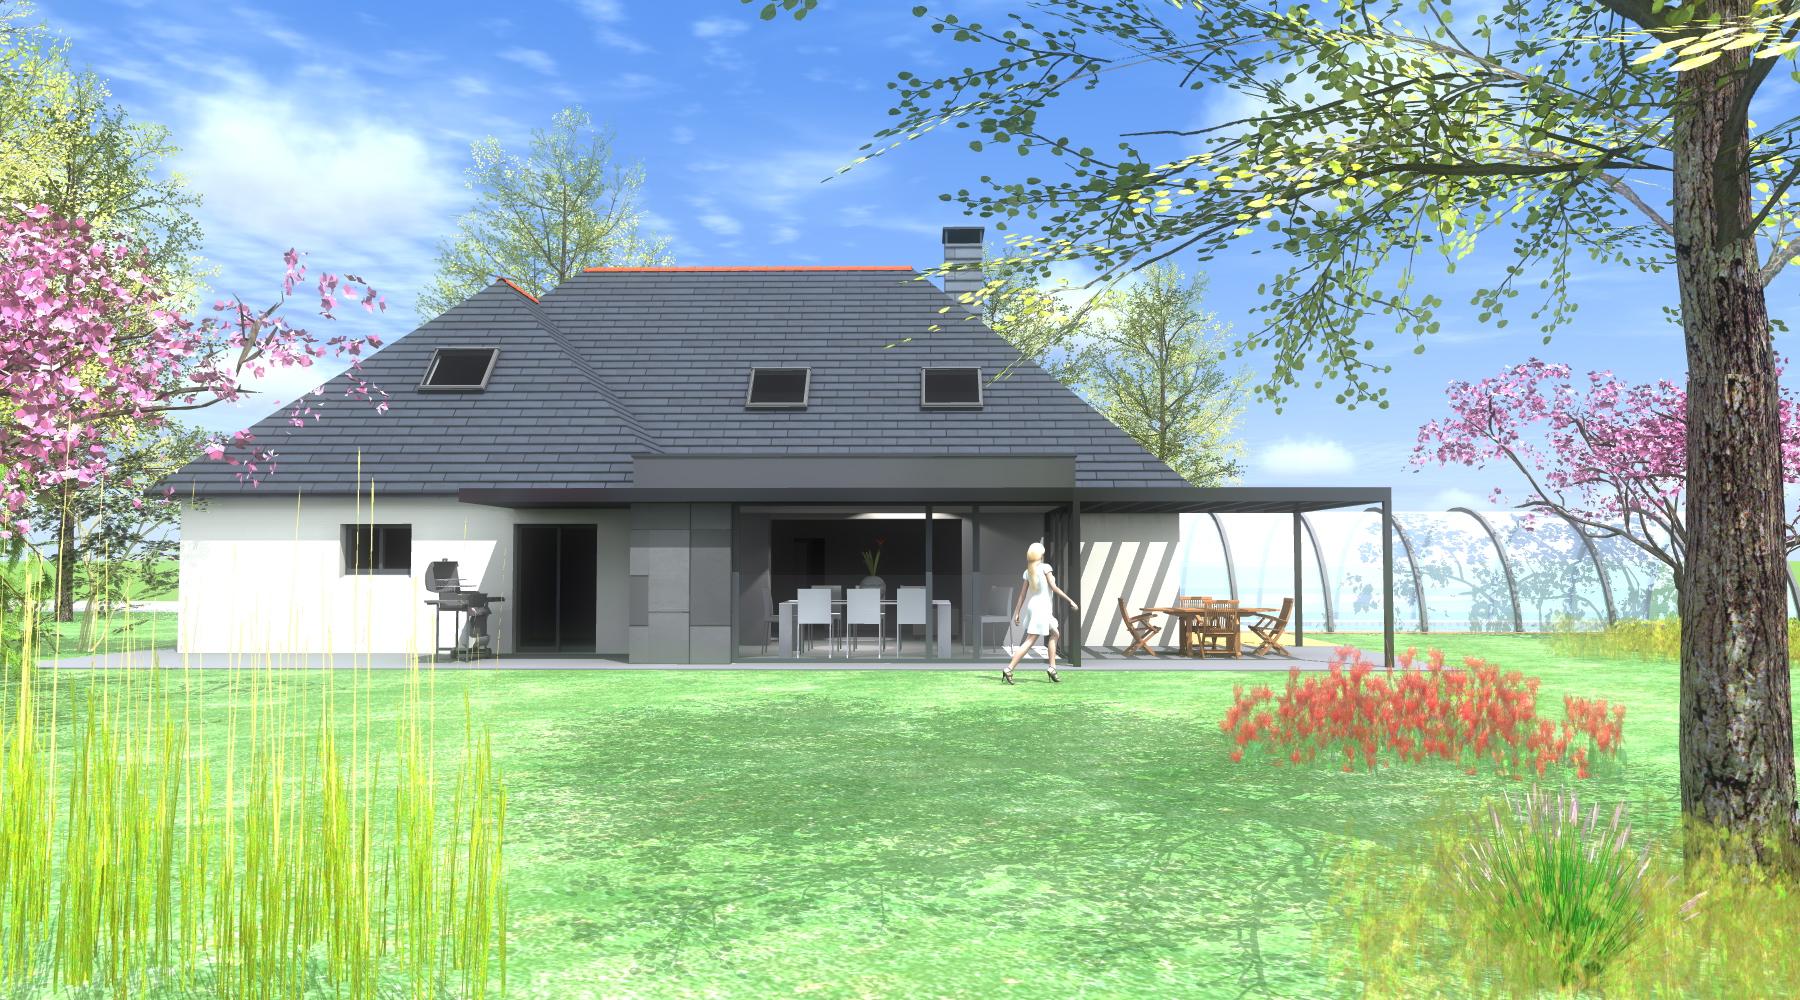 Maison Ossature Métallique Contemporaine extension maison - 1.2 vue – architecte / lise roturier